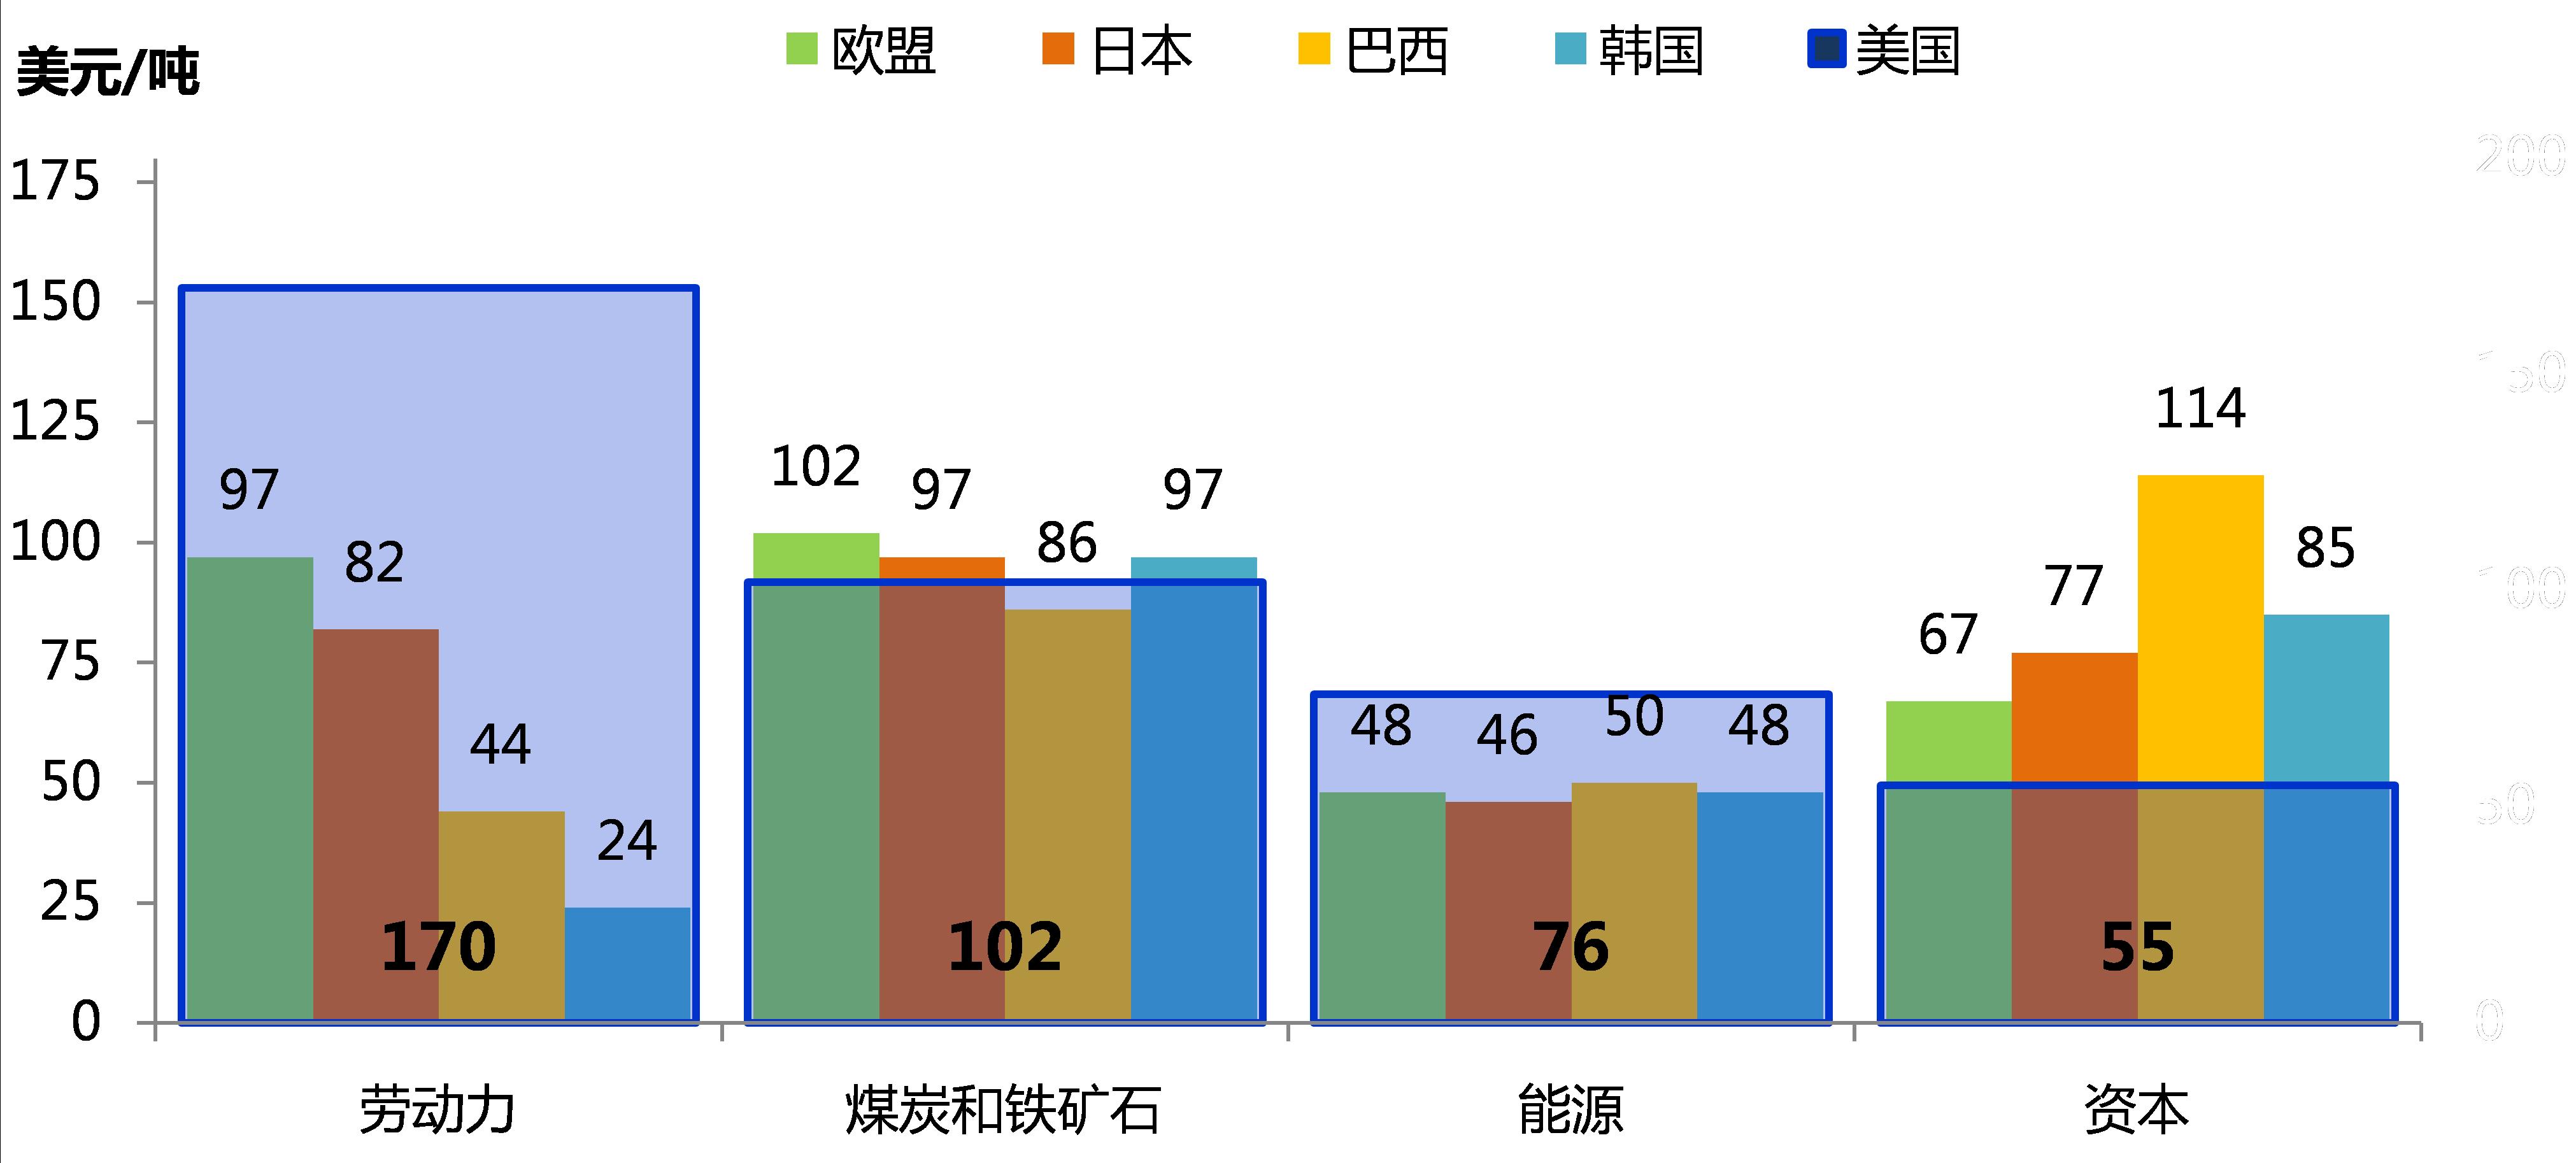 河北省钢铁等产业结构调整取得积极成效